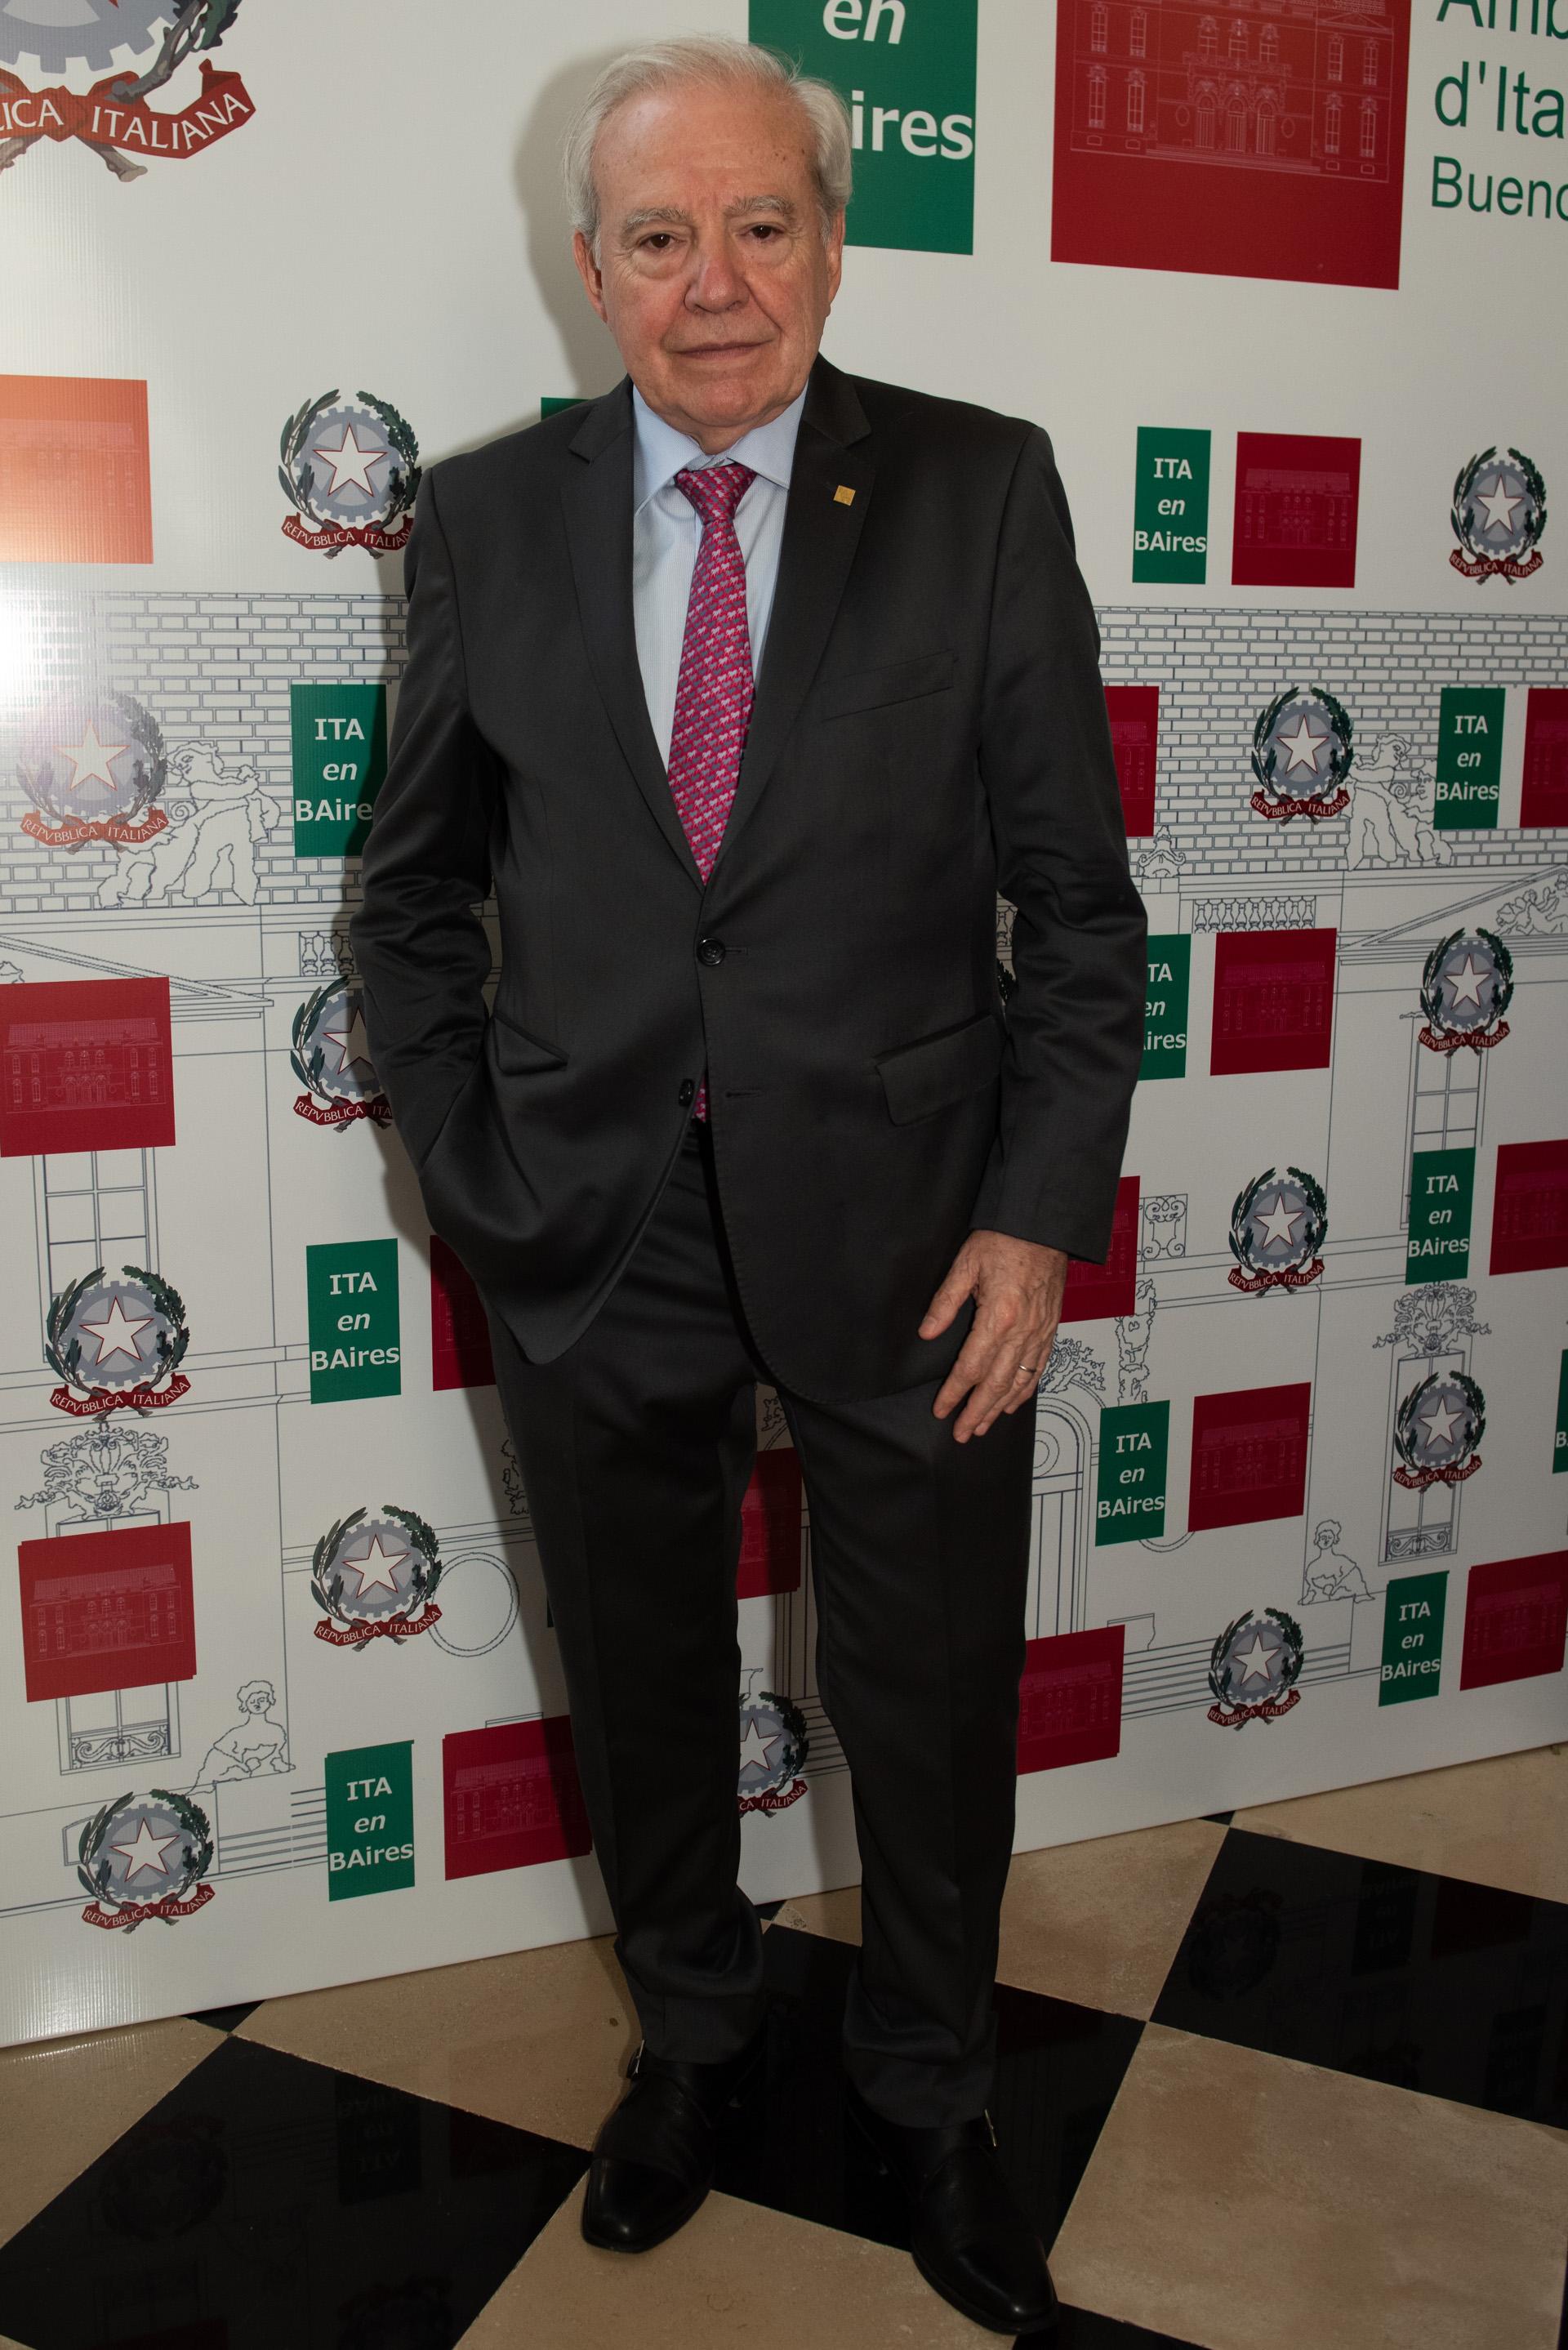 El diputado Jorge Enríquez